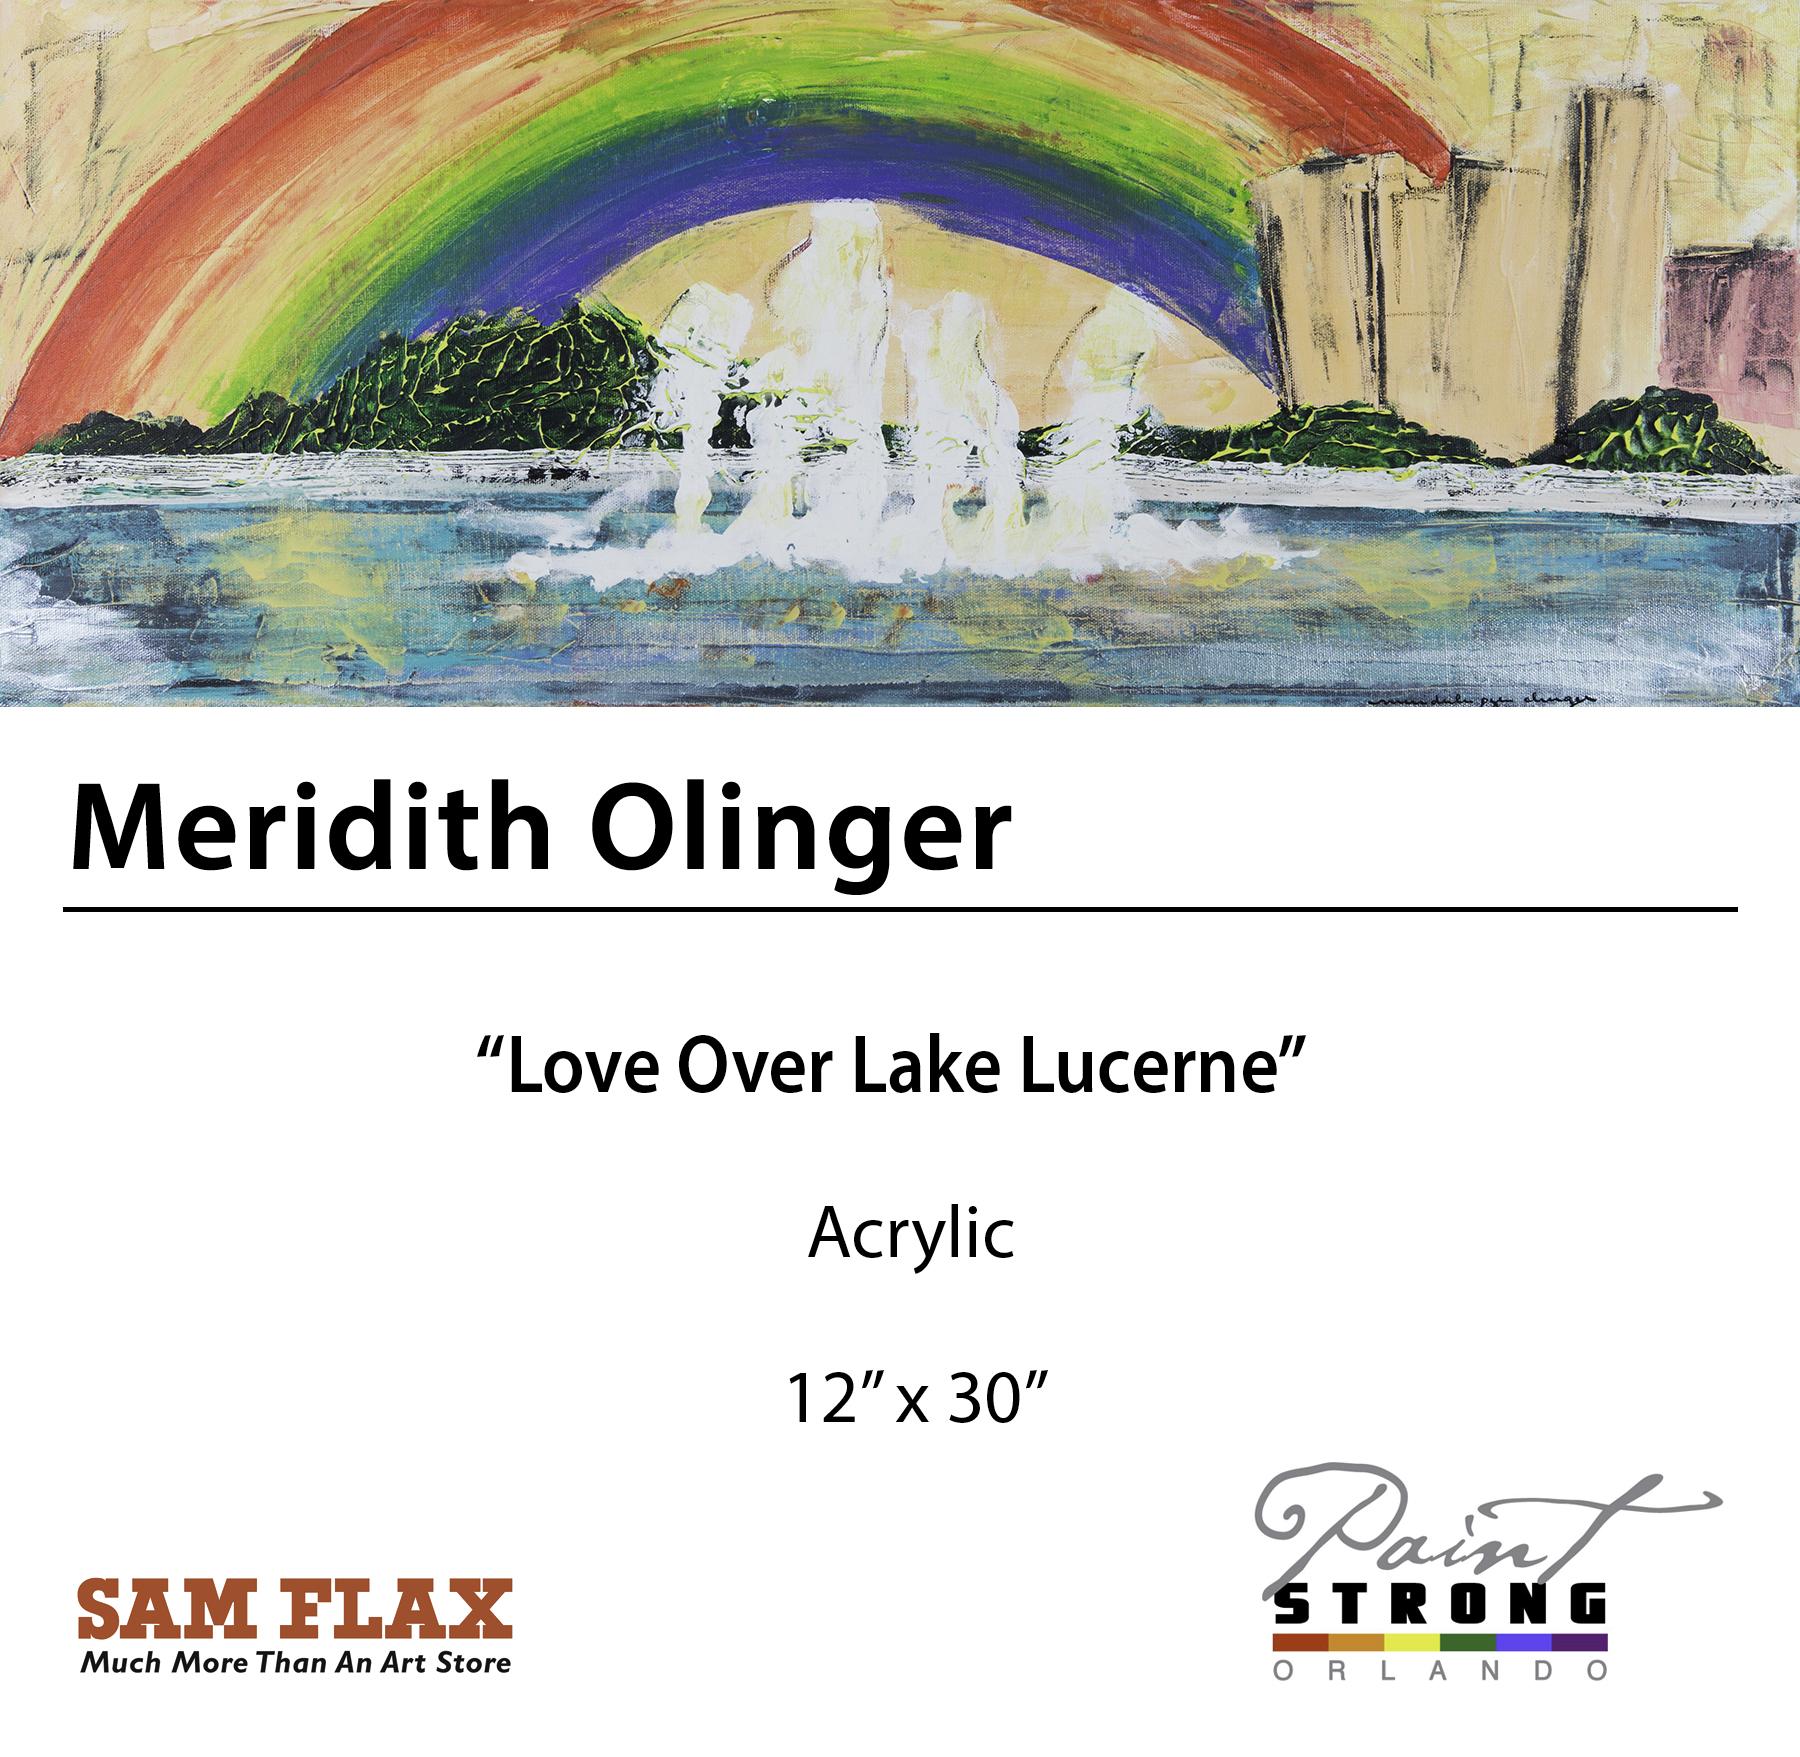 Meridith Olinger